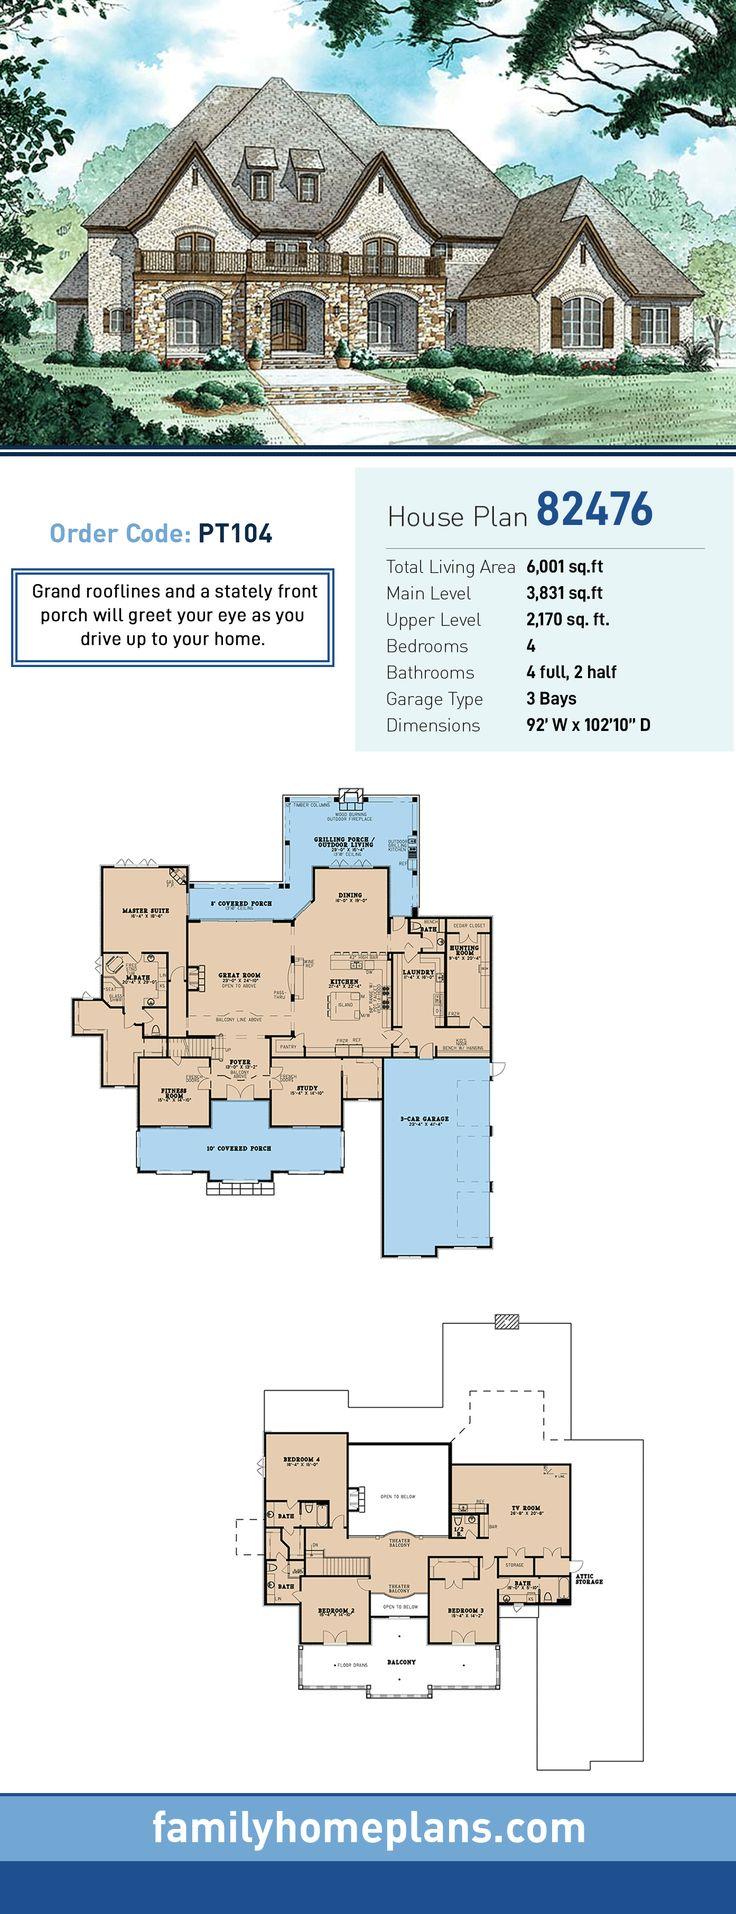 23 Genius Apartment Block Floor Plans bedroom design quotes House Designer